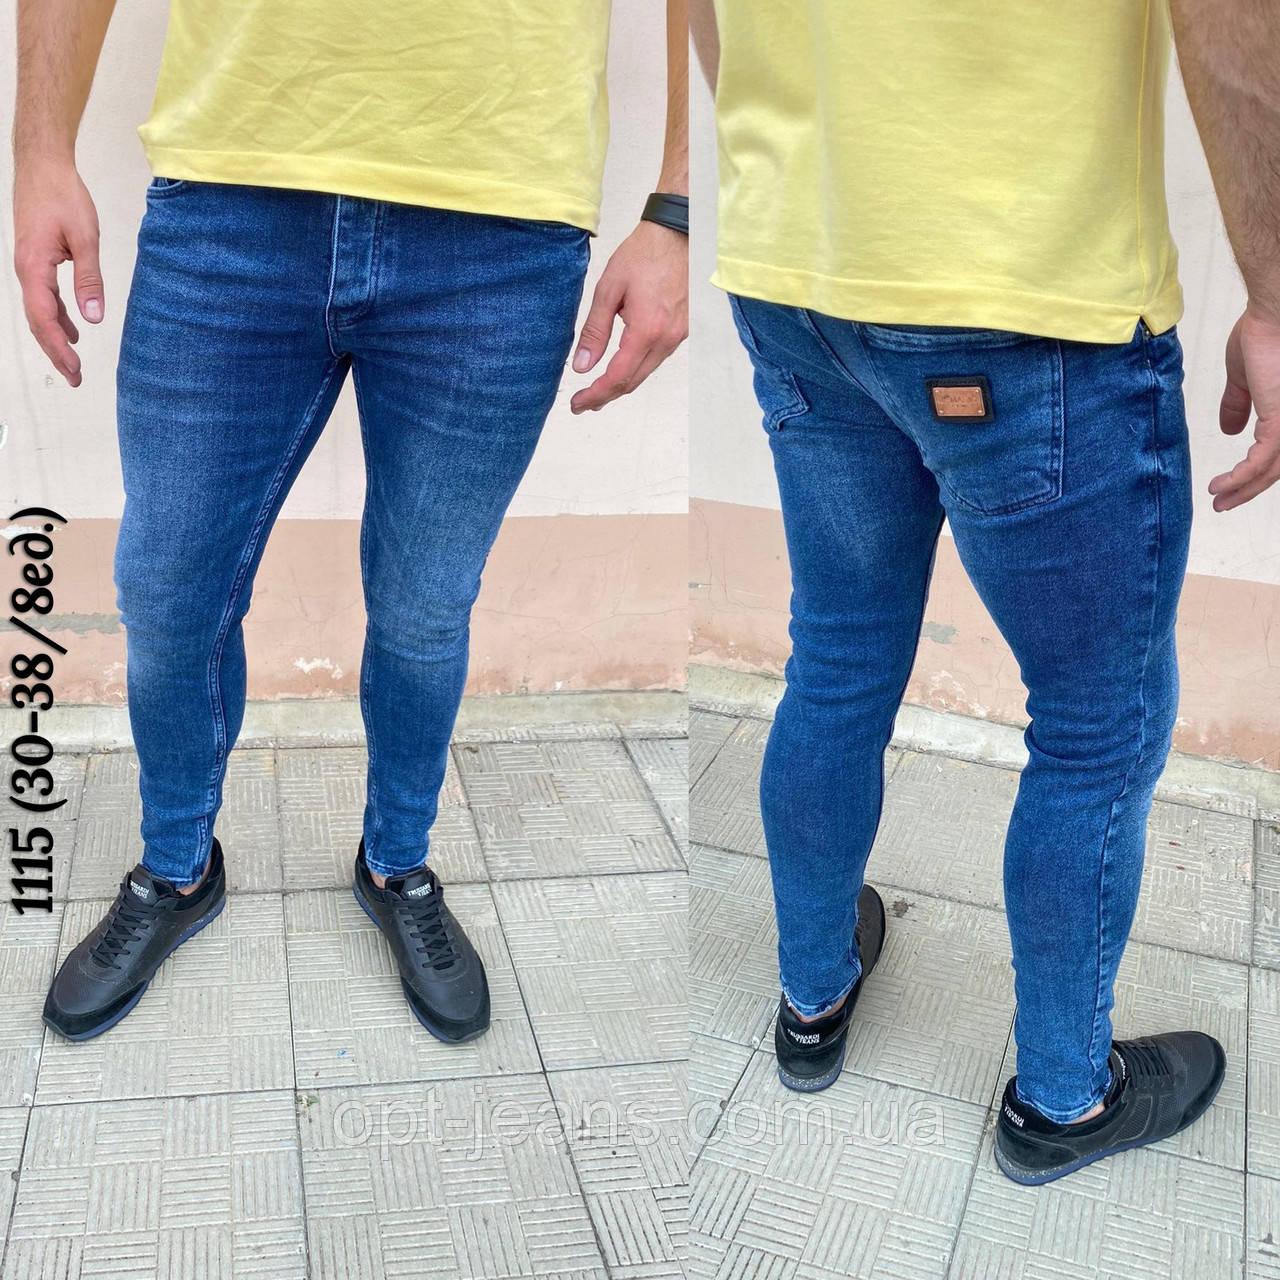 Mario мужские джинсы (30-38/8шт.)